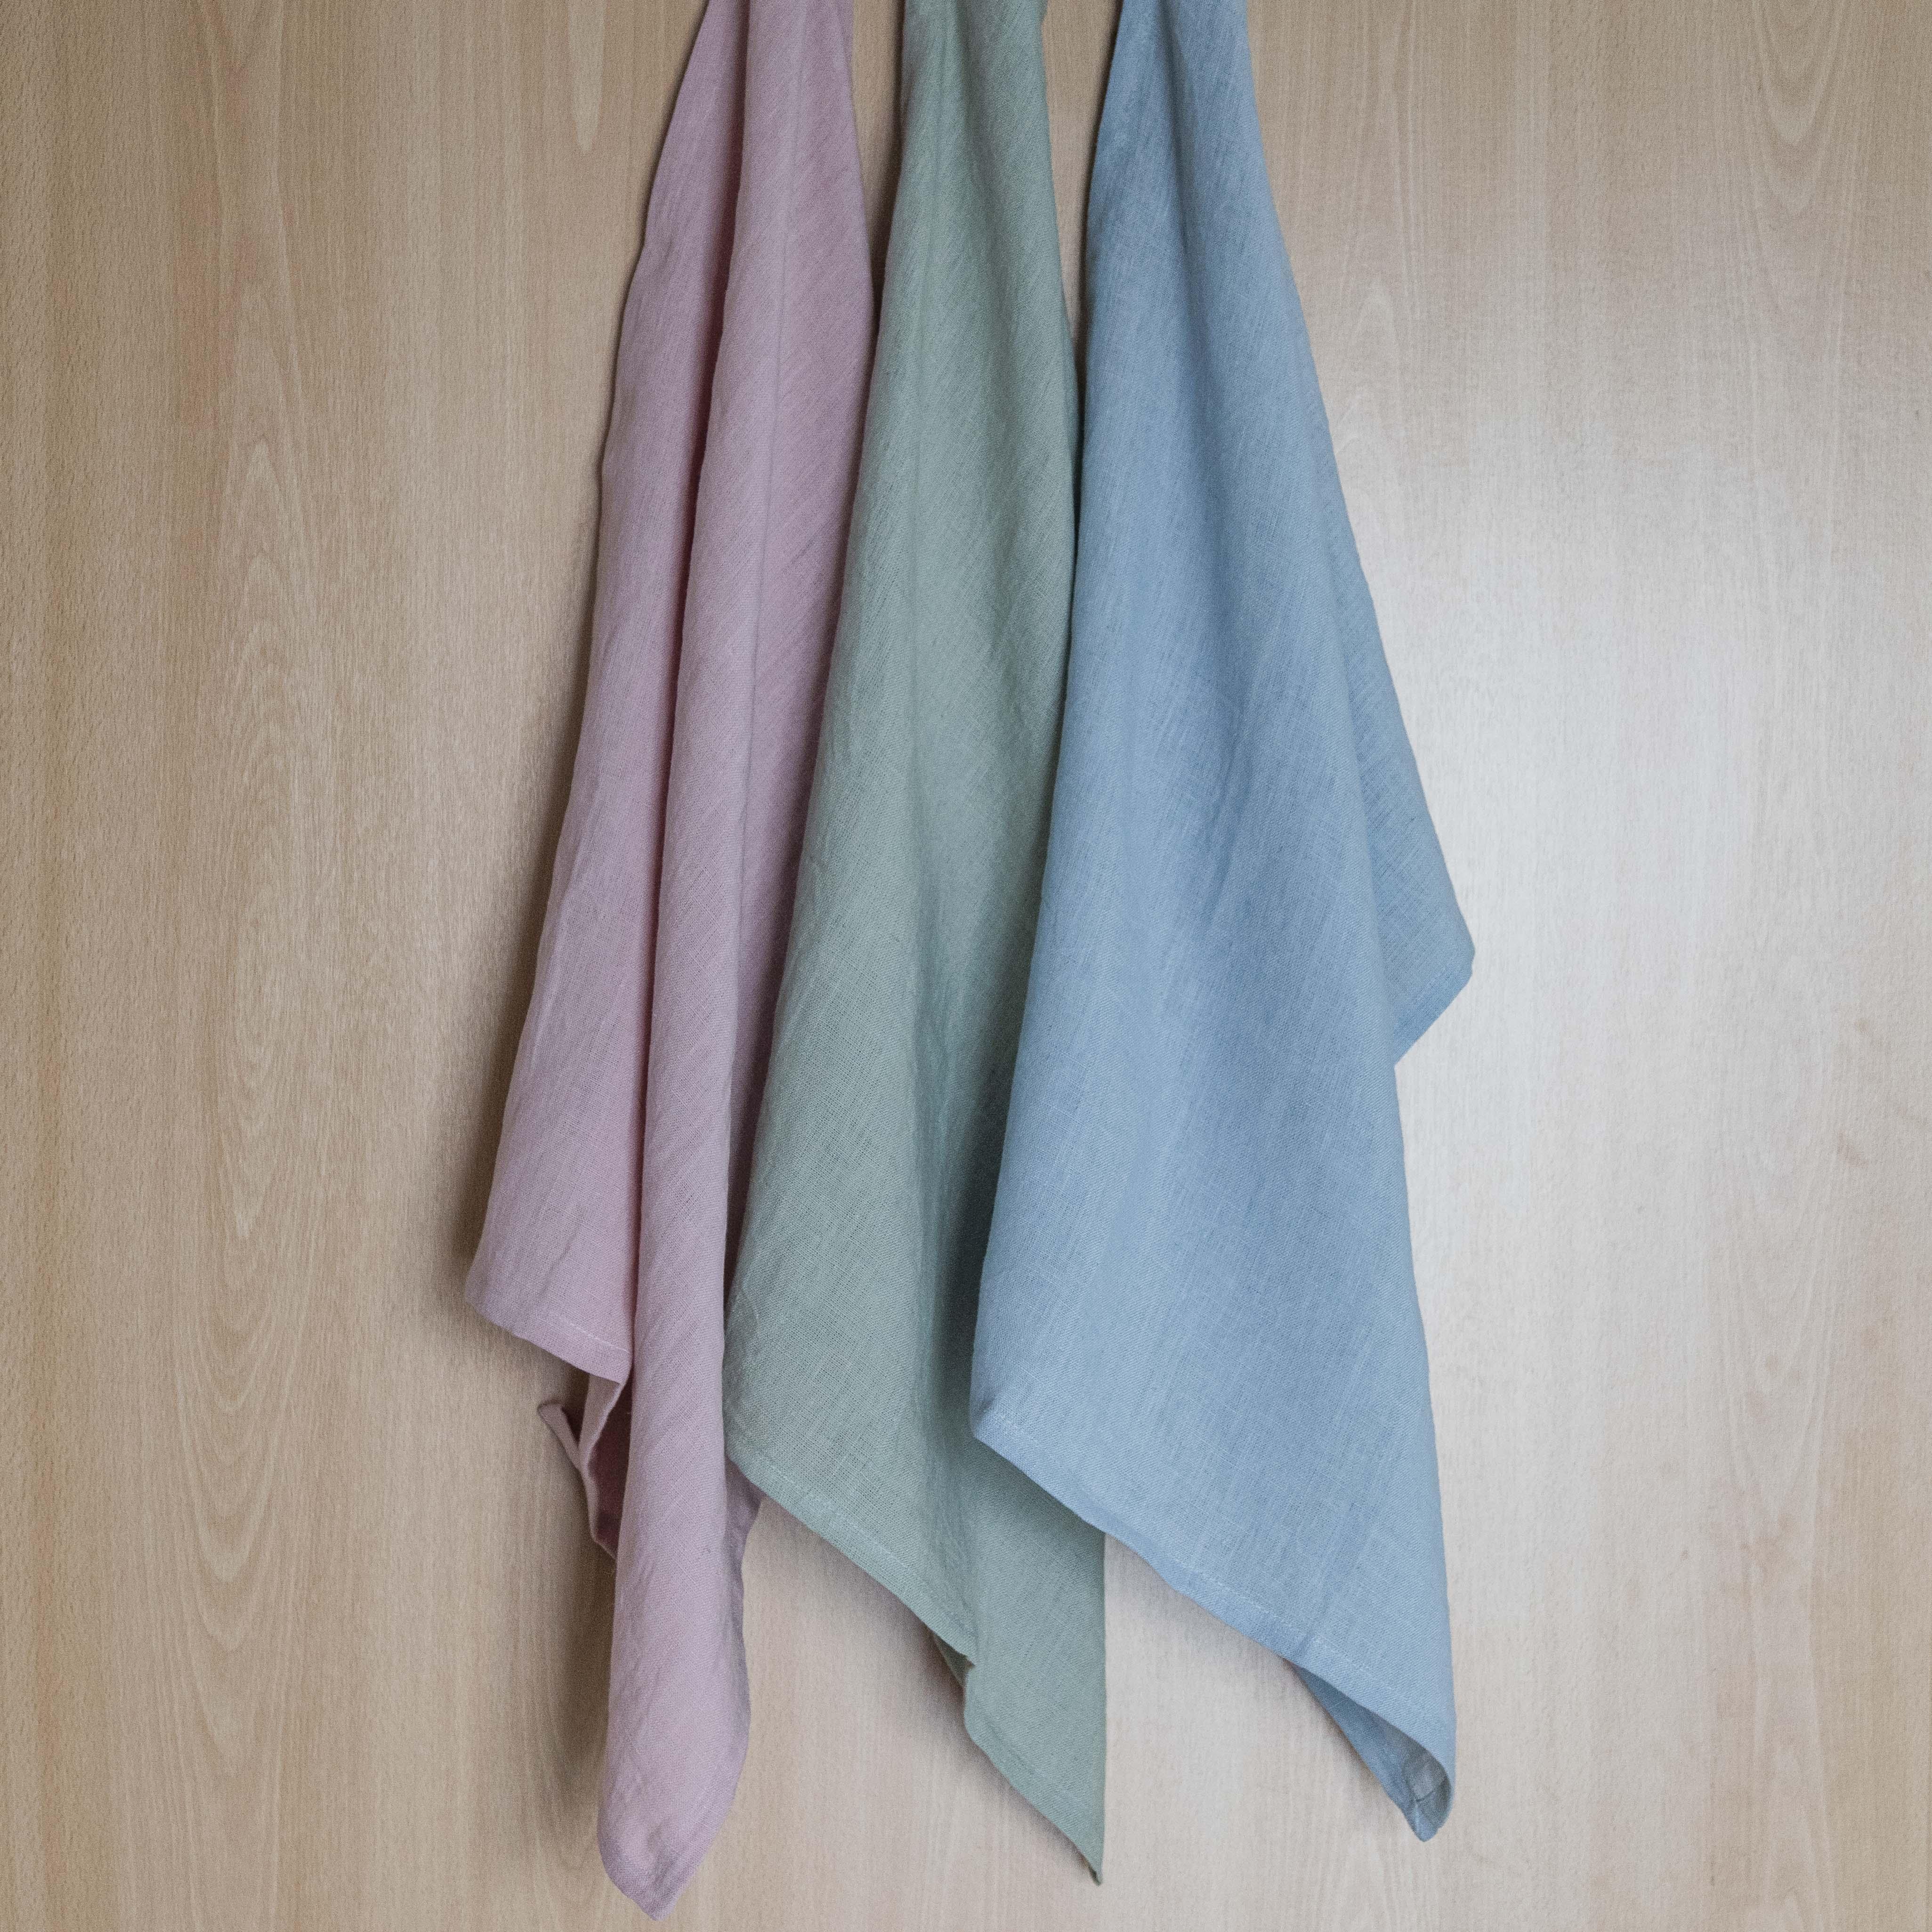 Drei hängende Geschirrtücher in den Farben rosa, grün und blau.